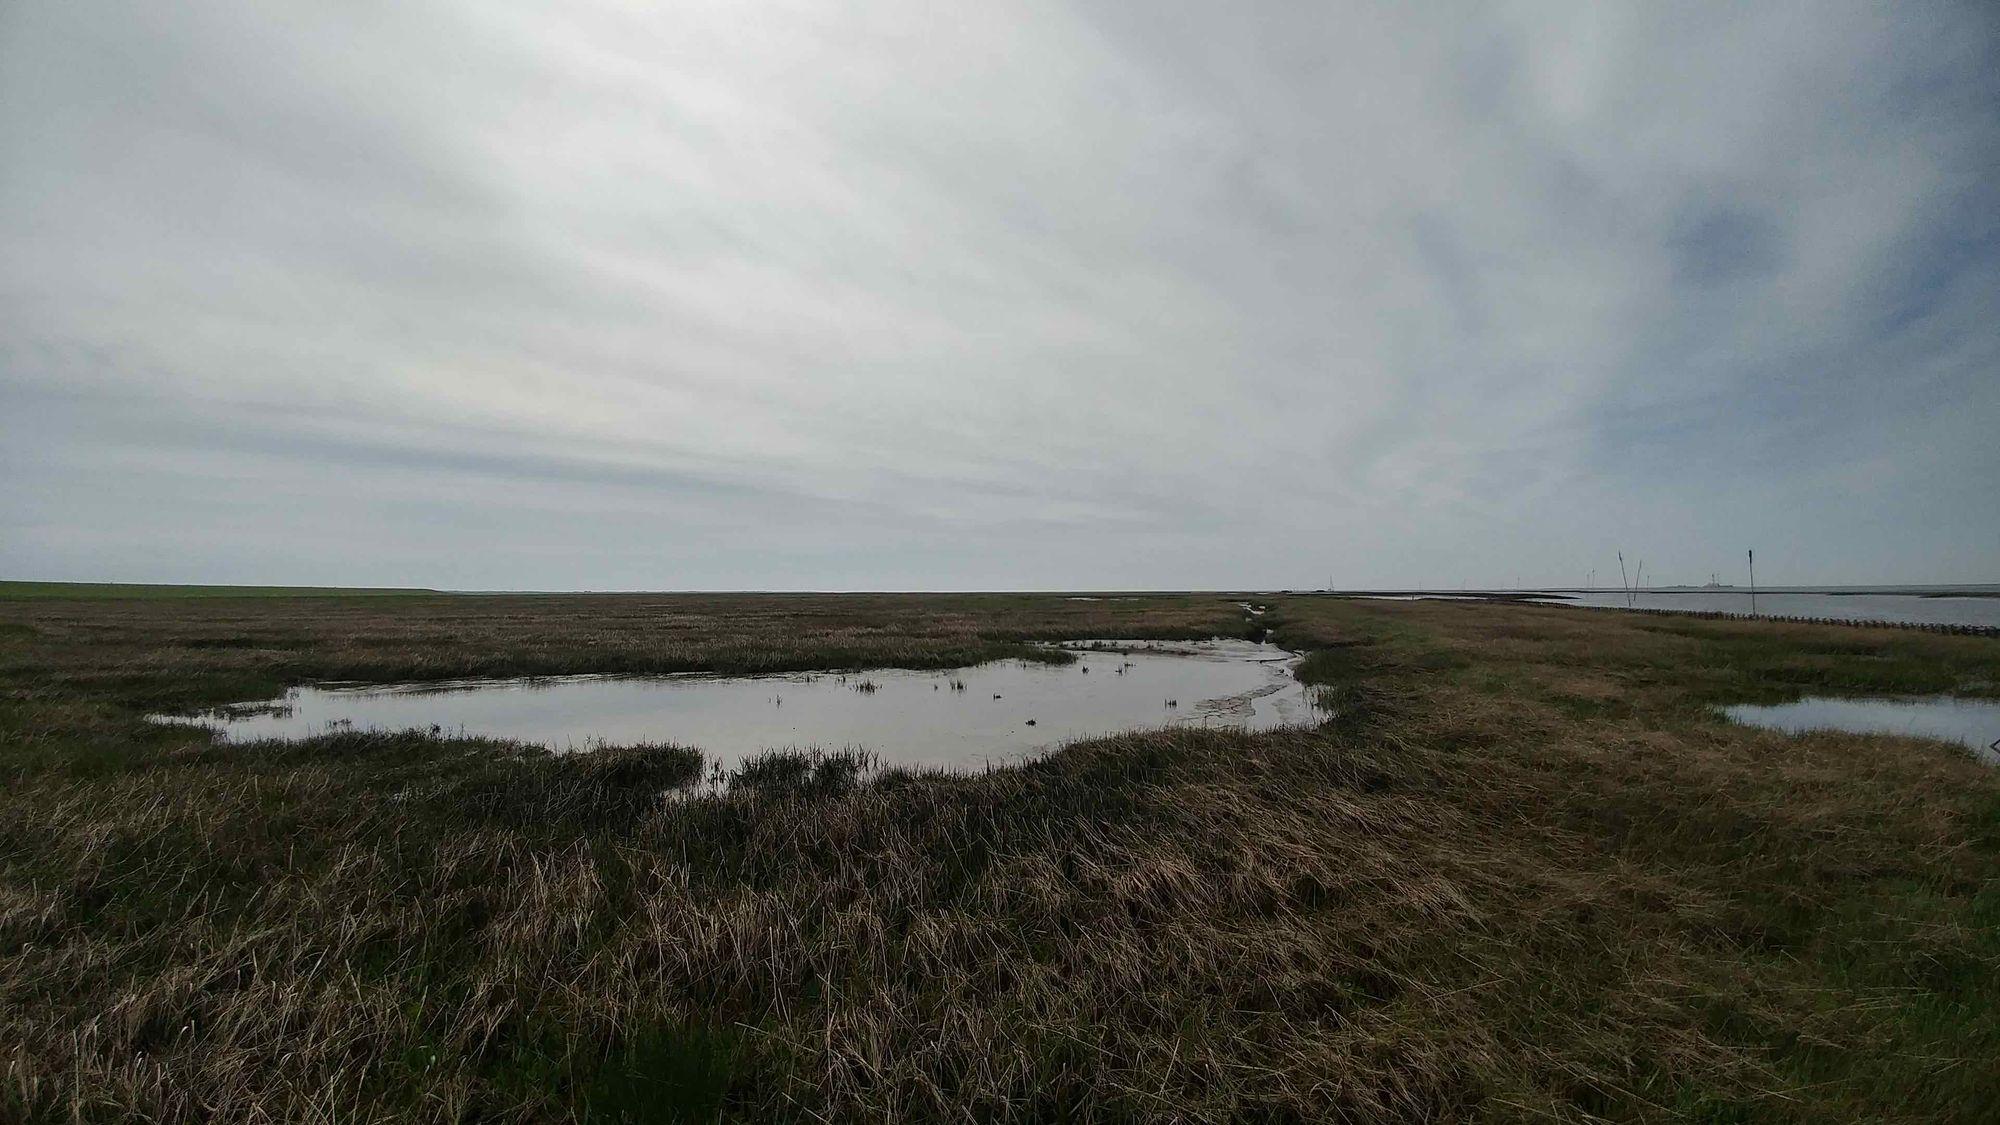 Kleiner See in einer Nordsee Landschaft im Format JPEG.